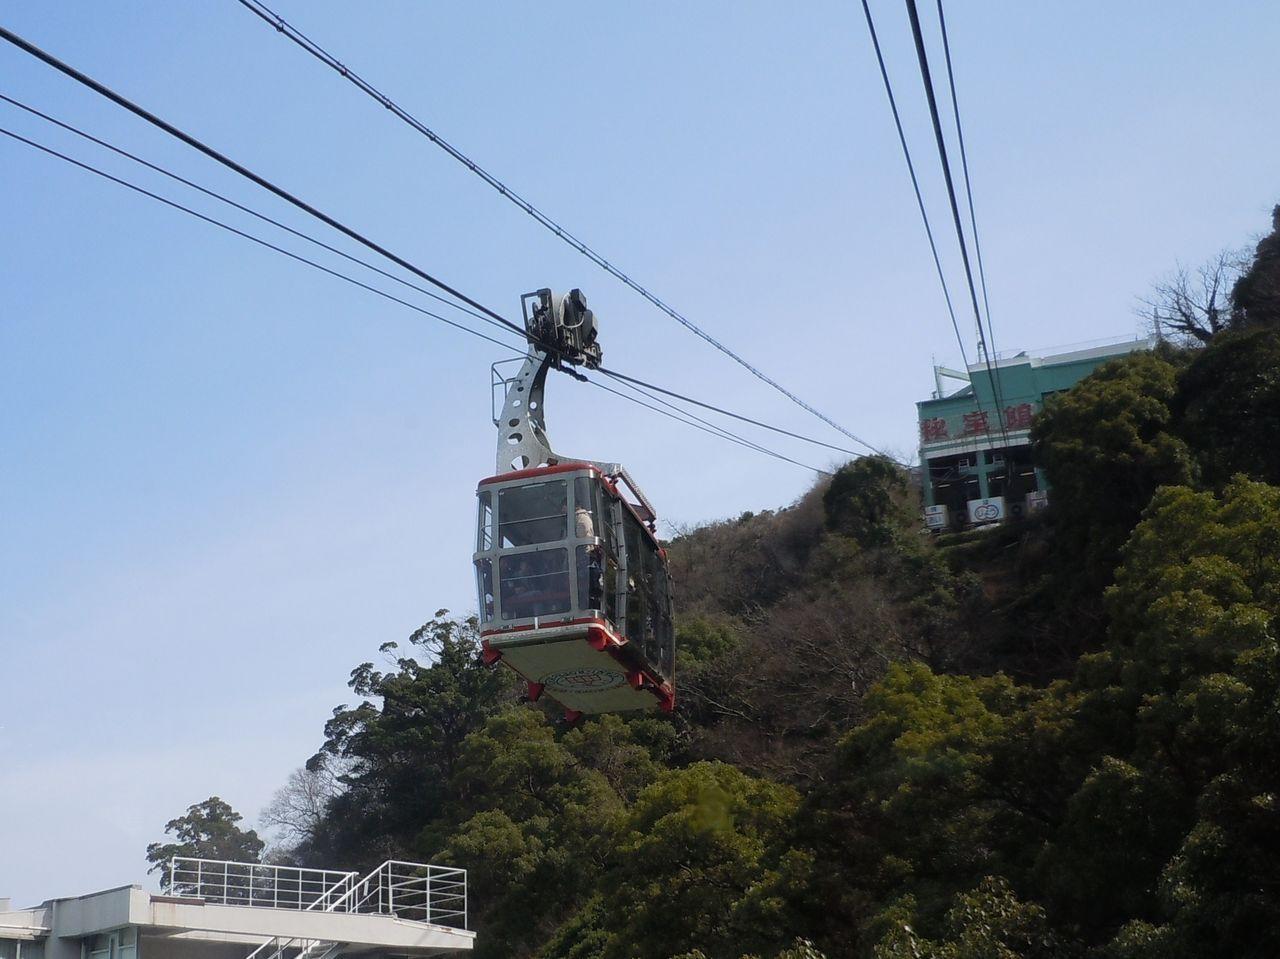 八幡山山頂まで3分間の空の旅「アタミロープウェイ」